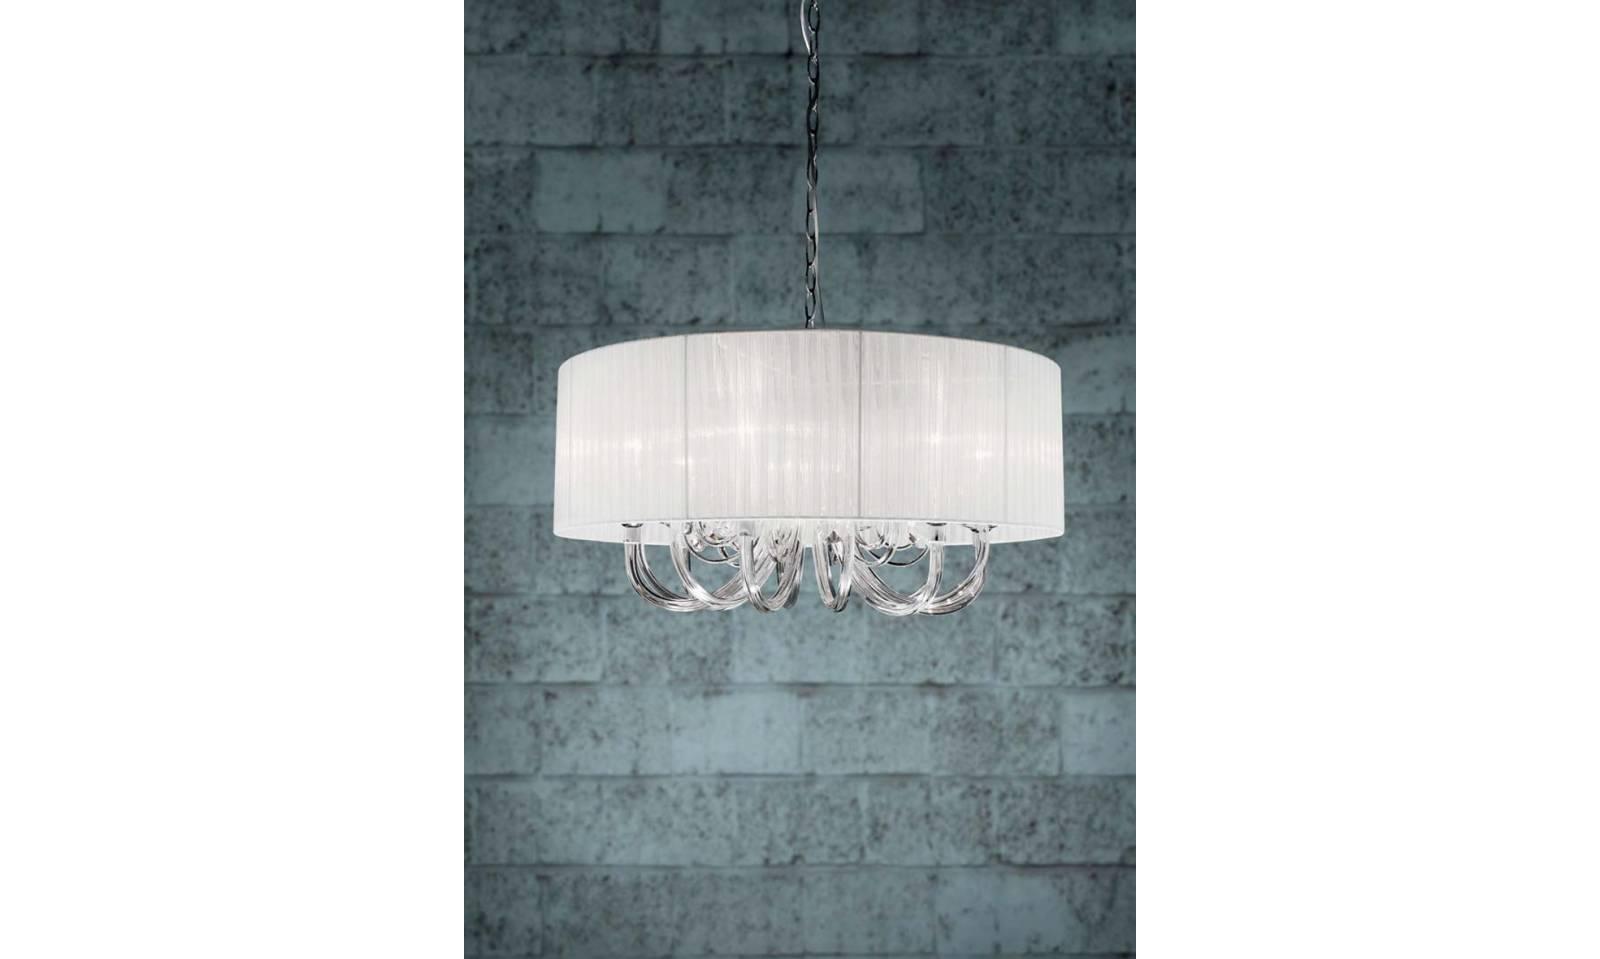 Ciciriello illuminazione con lampade e lampadari   arteluce